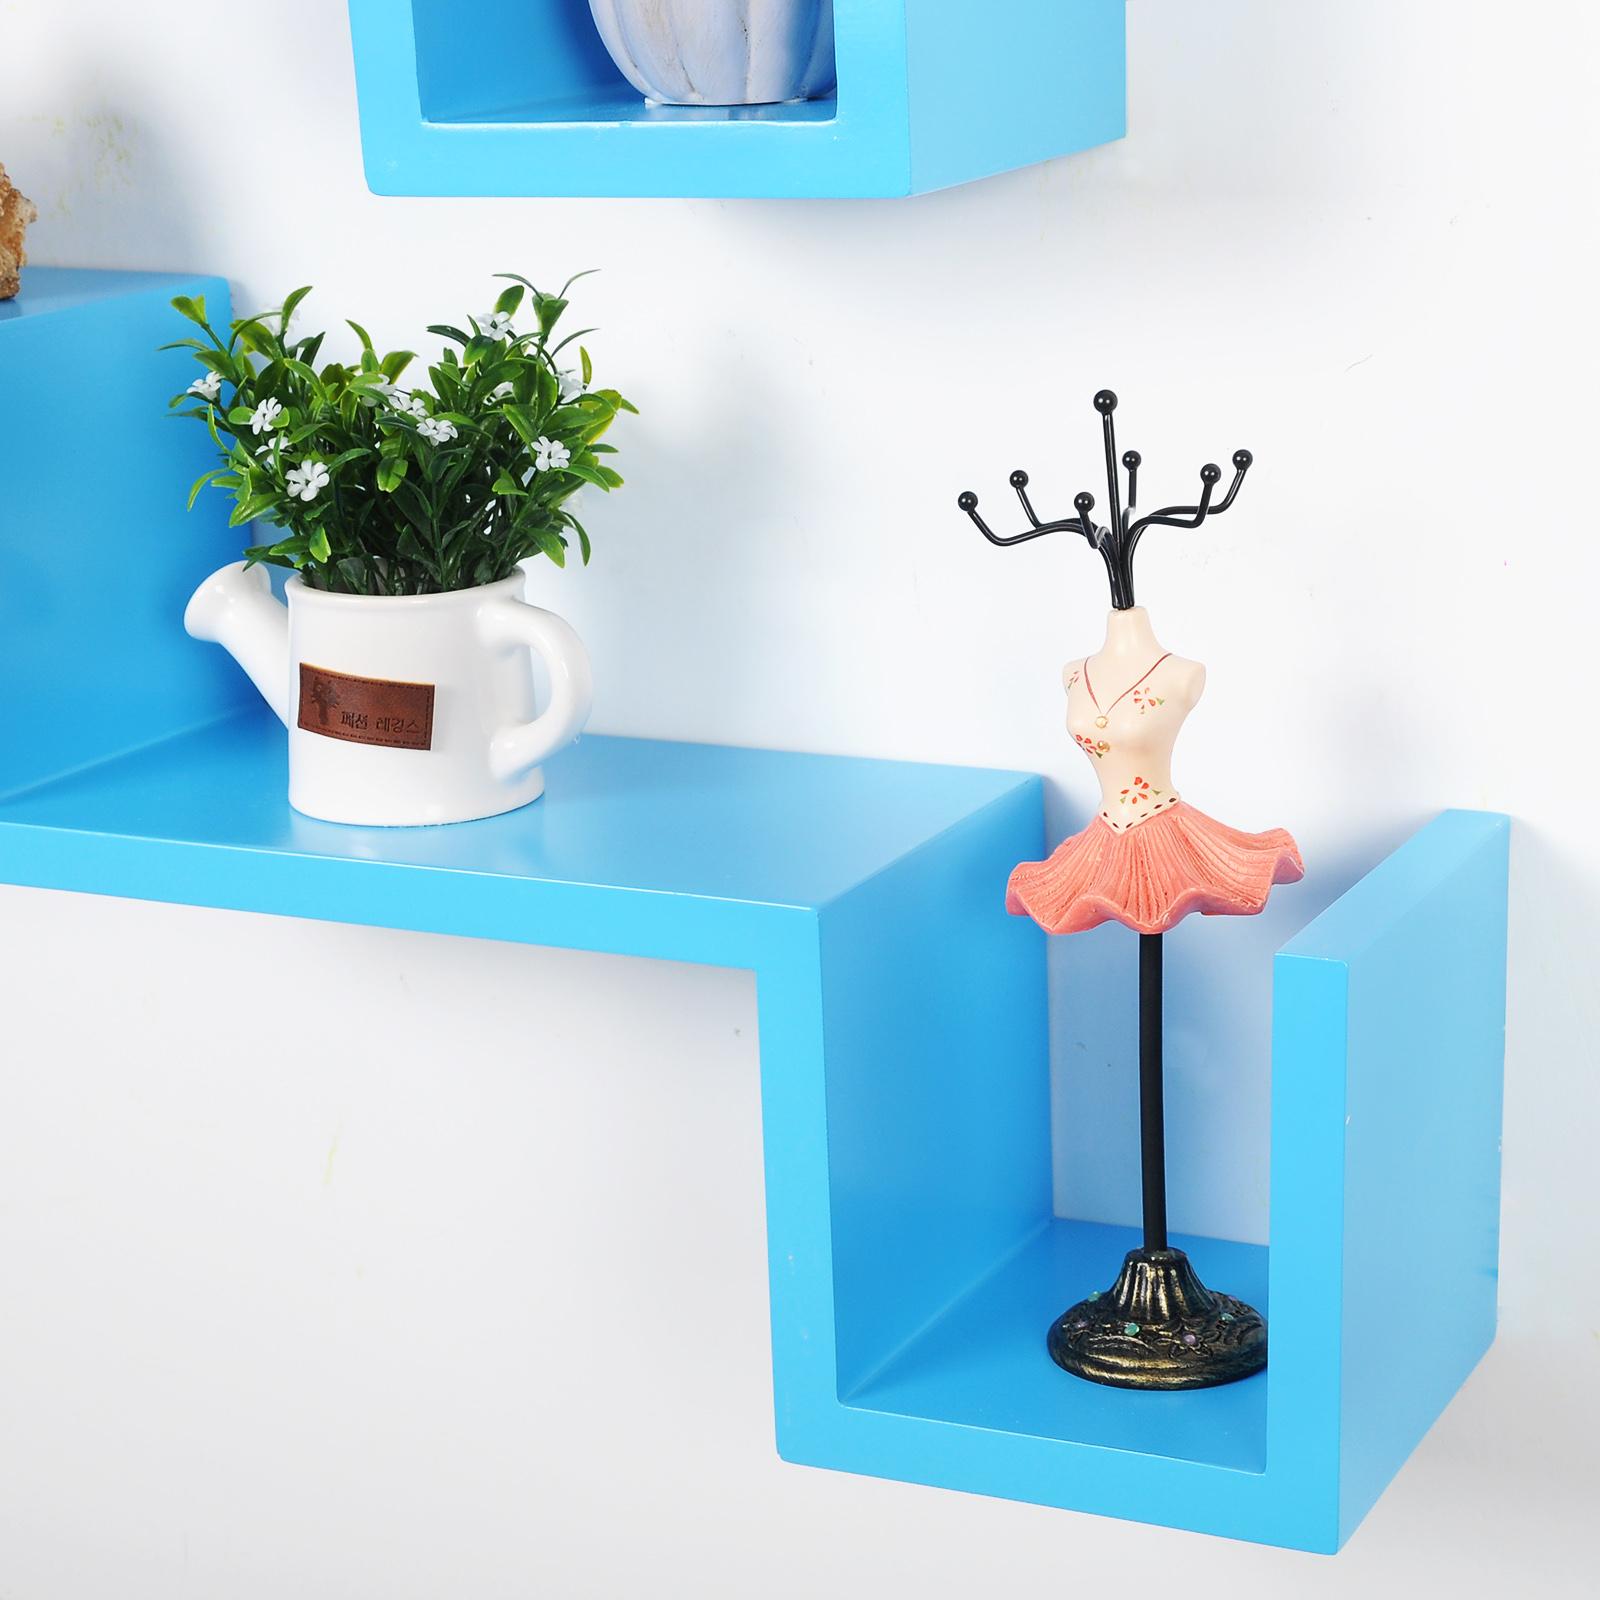 woltu 2er set wandregal b cheregal cd regal h ngeregal. Black Bedroom Furniture Sets. Home Design Ideas